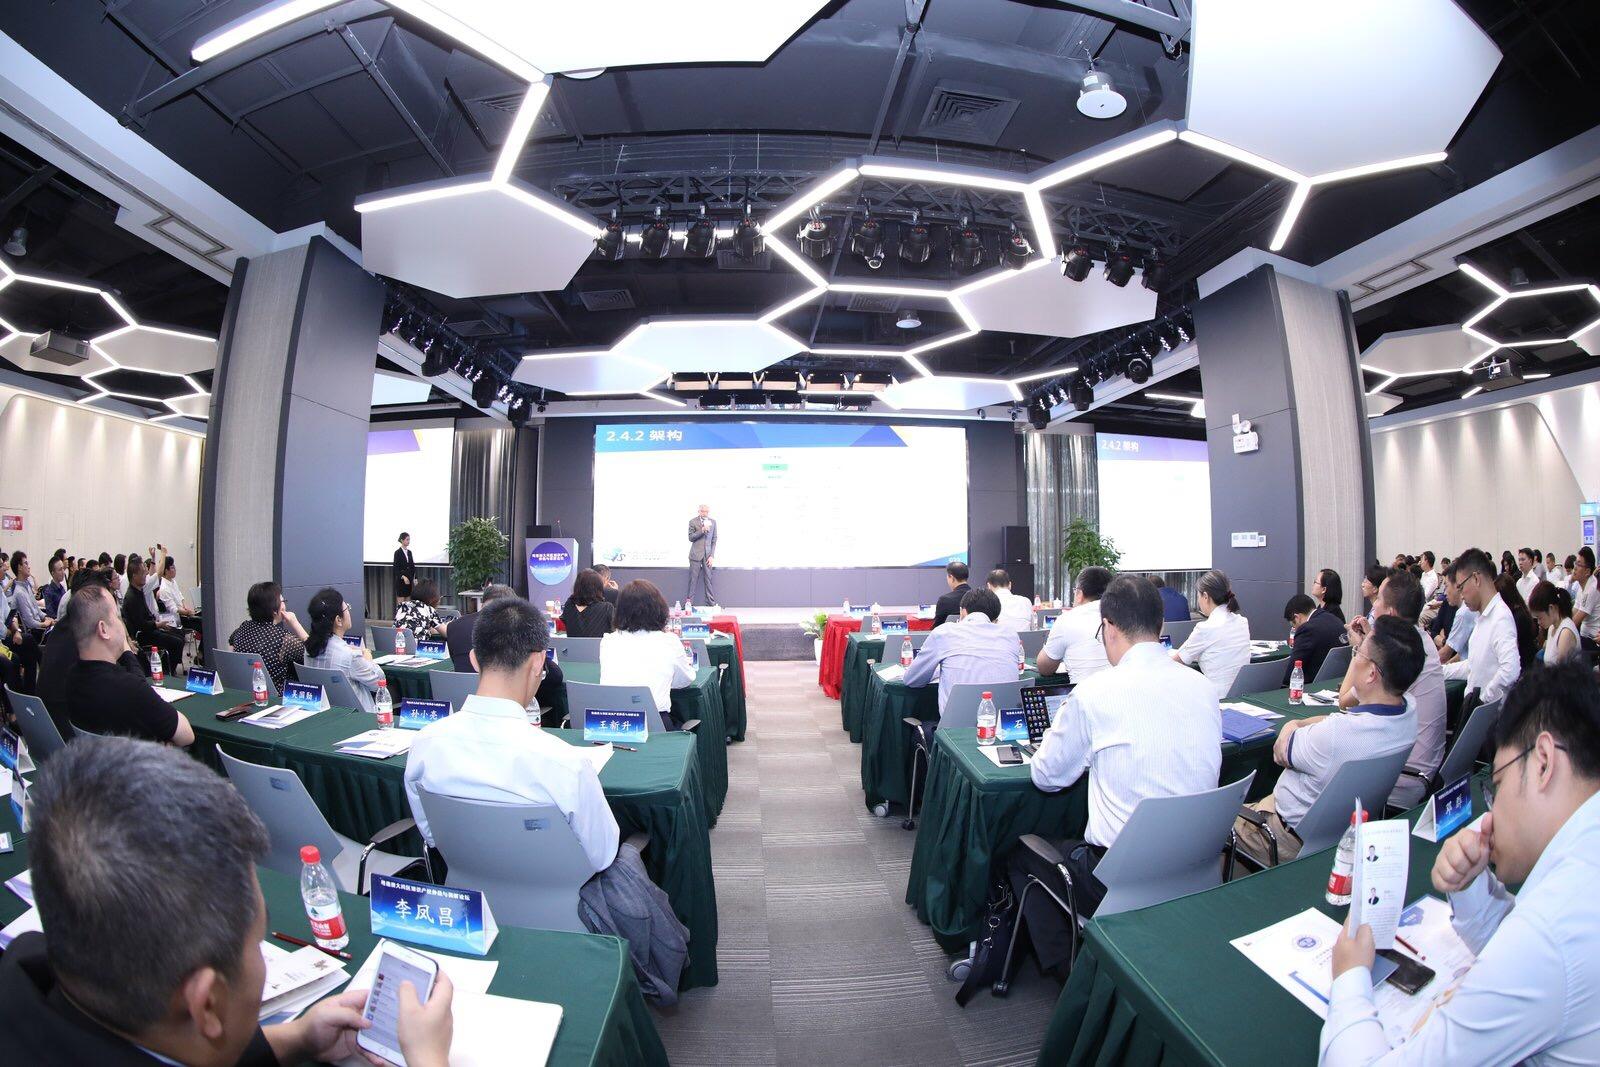 【百瑞快讯】粤港澳大湾区知识产权仲裁与调解论坛在深圳举行